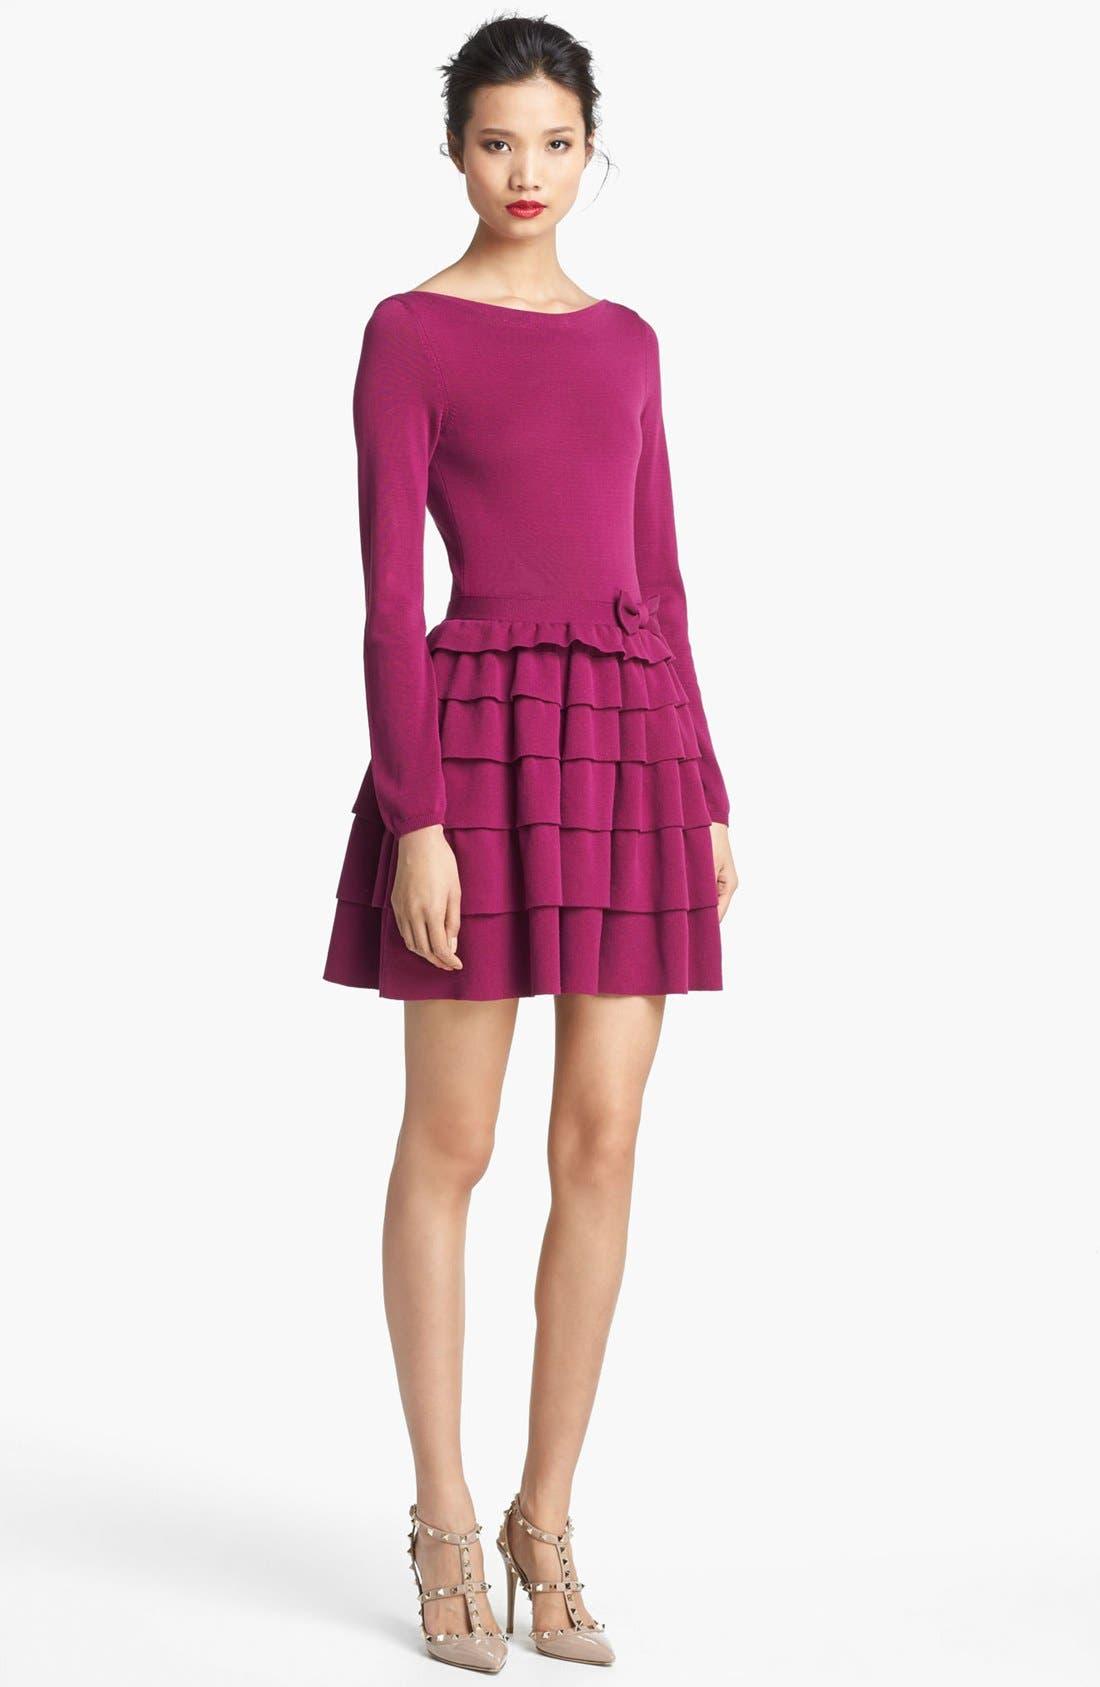 Main Image - RED Valentino Ruffle Skirt Dress